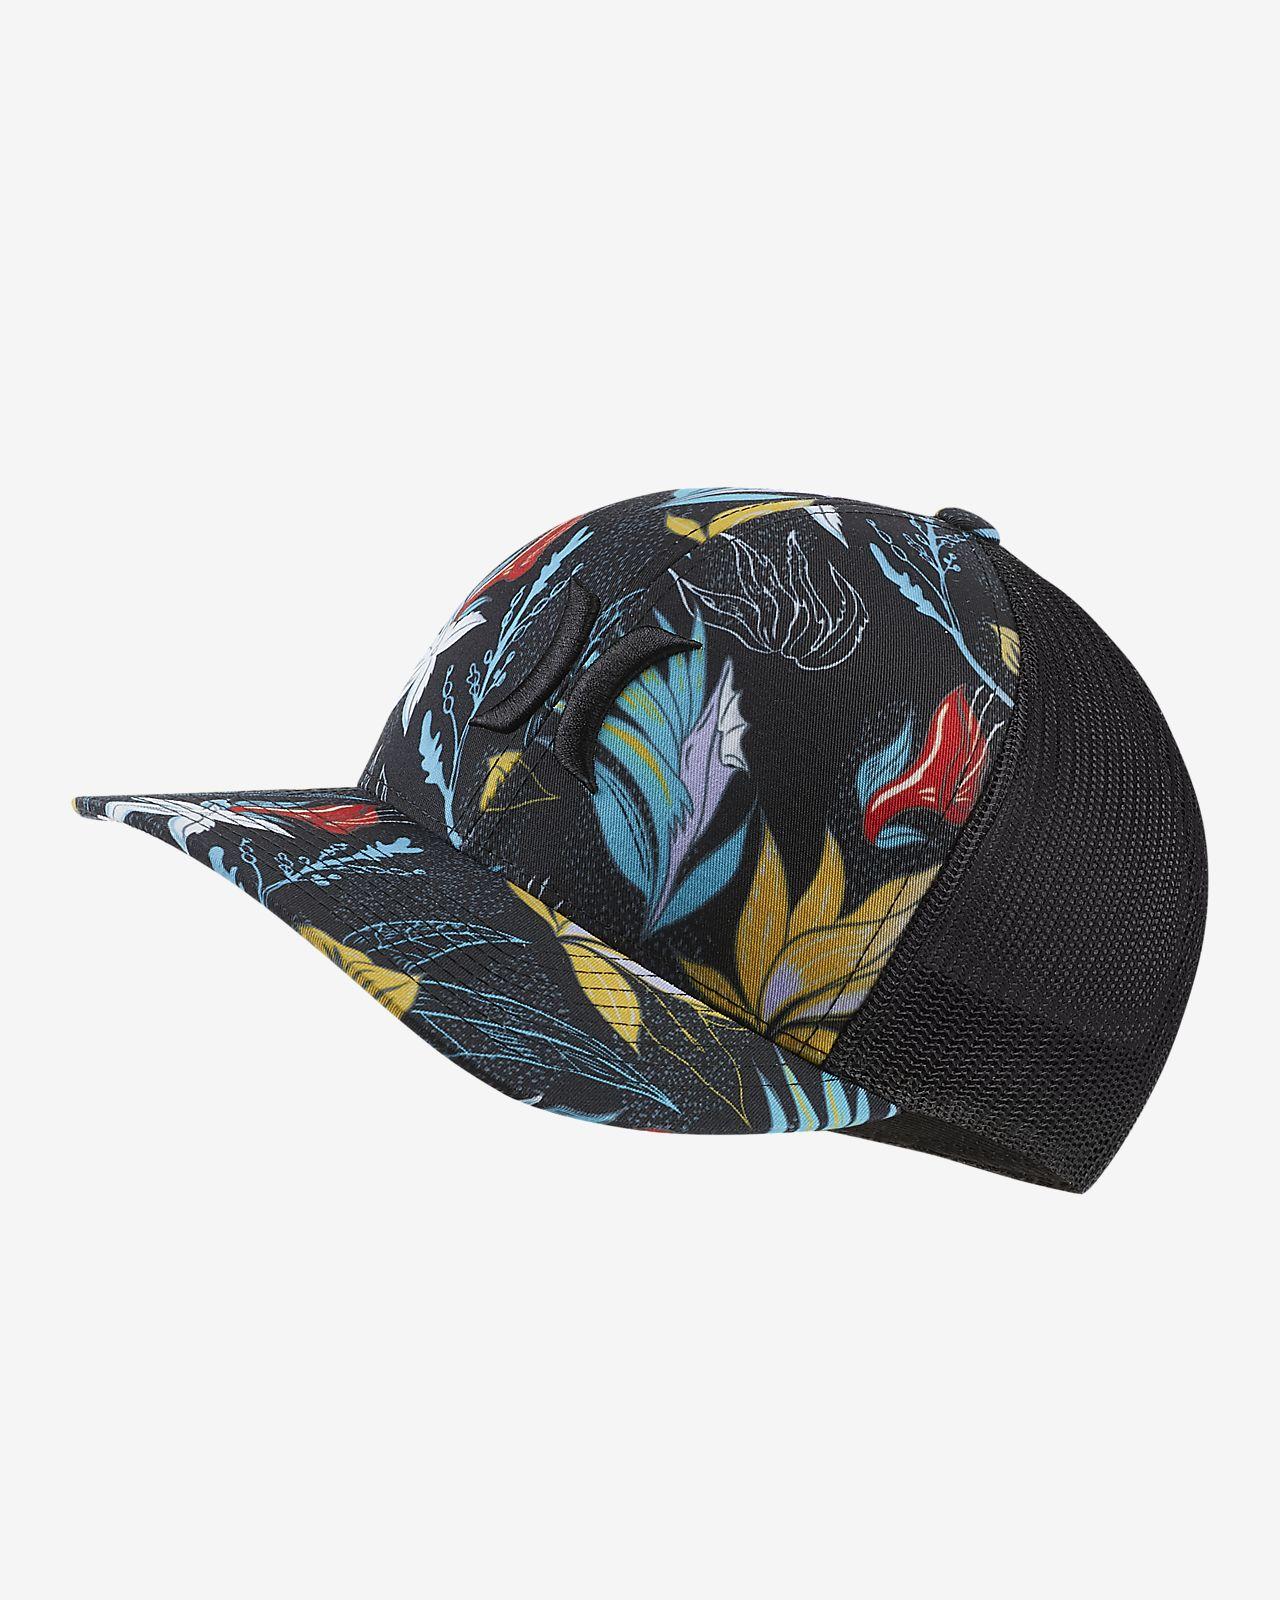 Hurley Domino Trucker Women's Hat